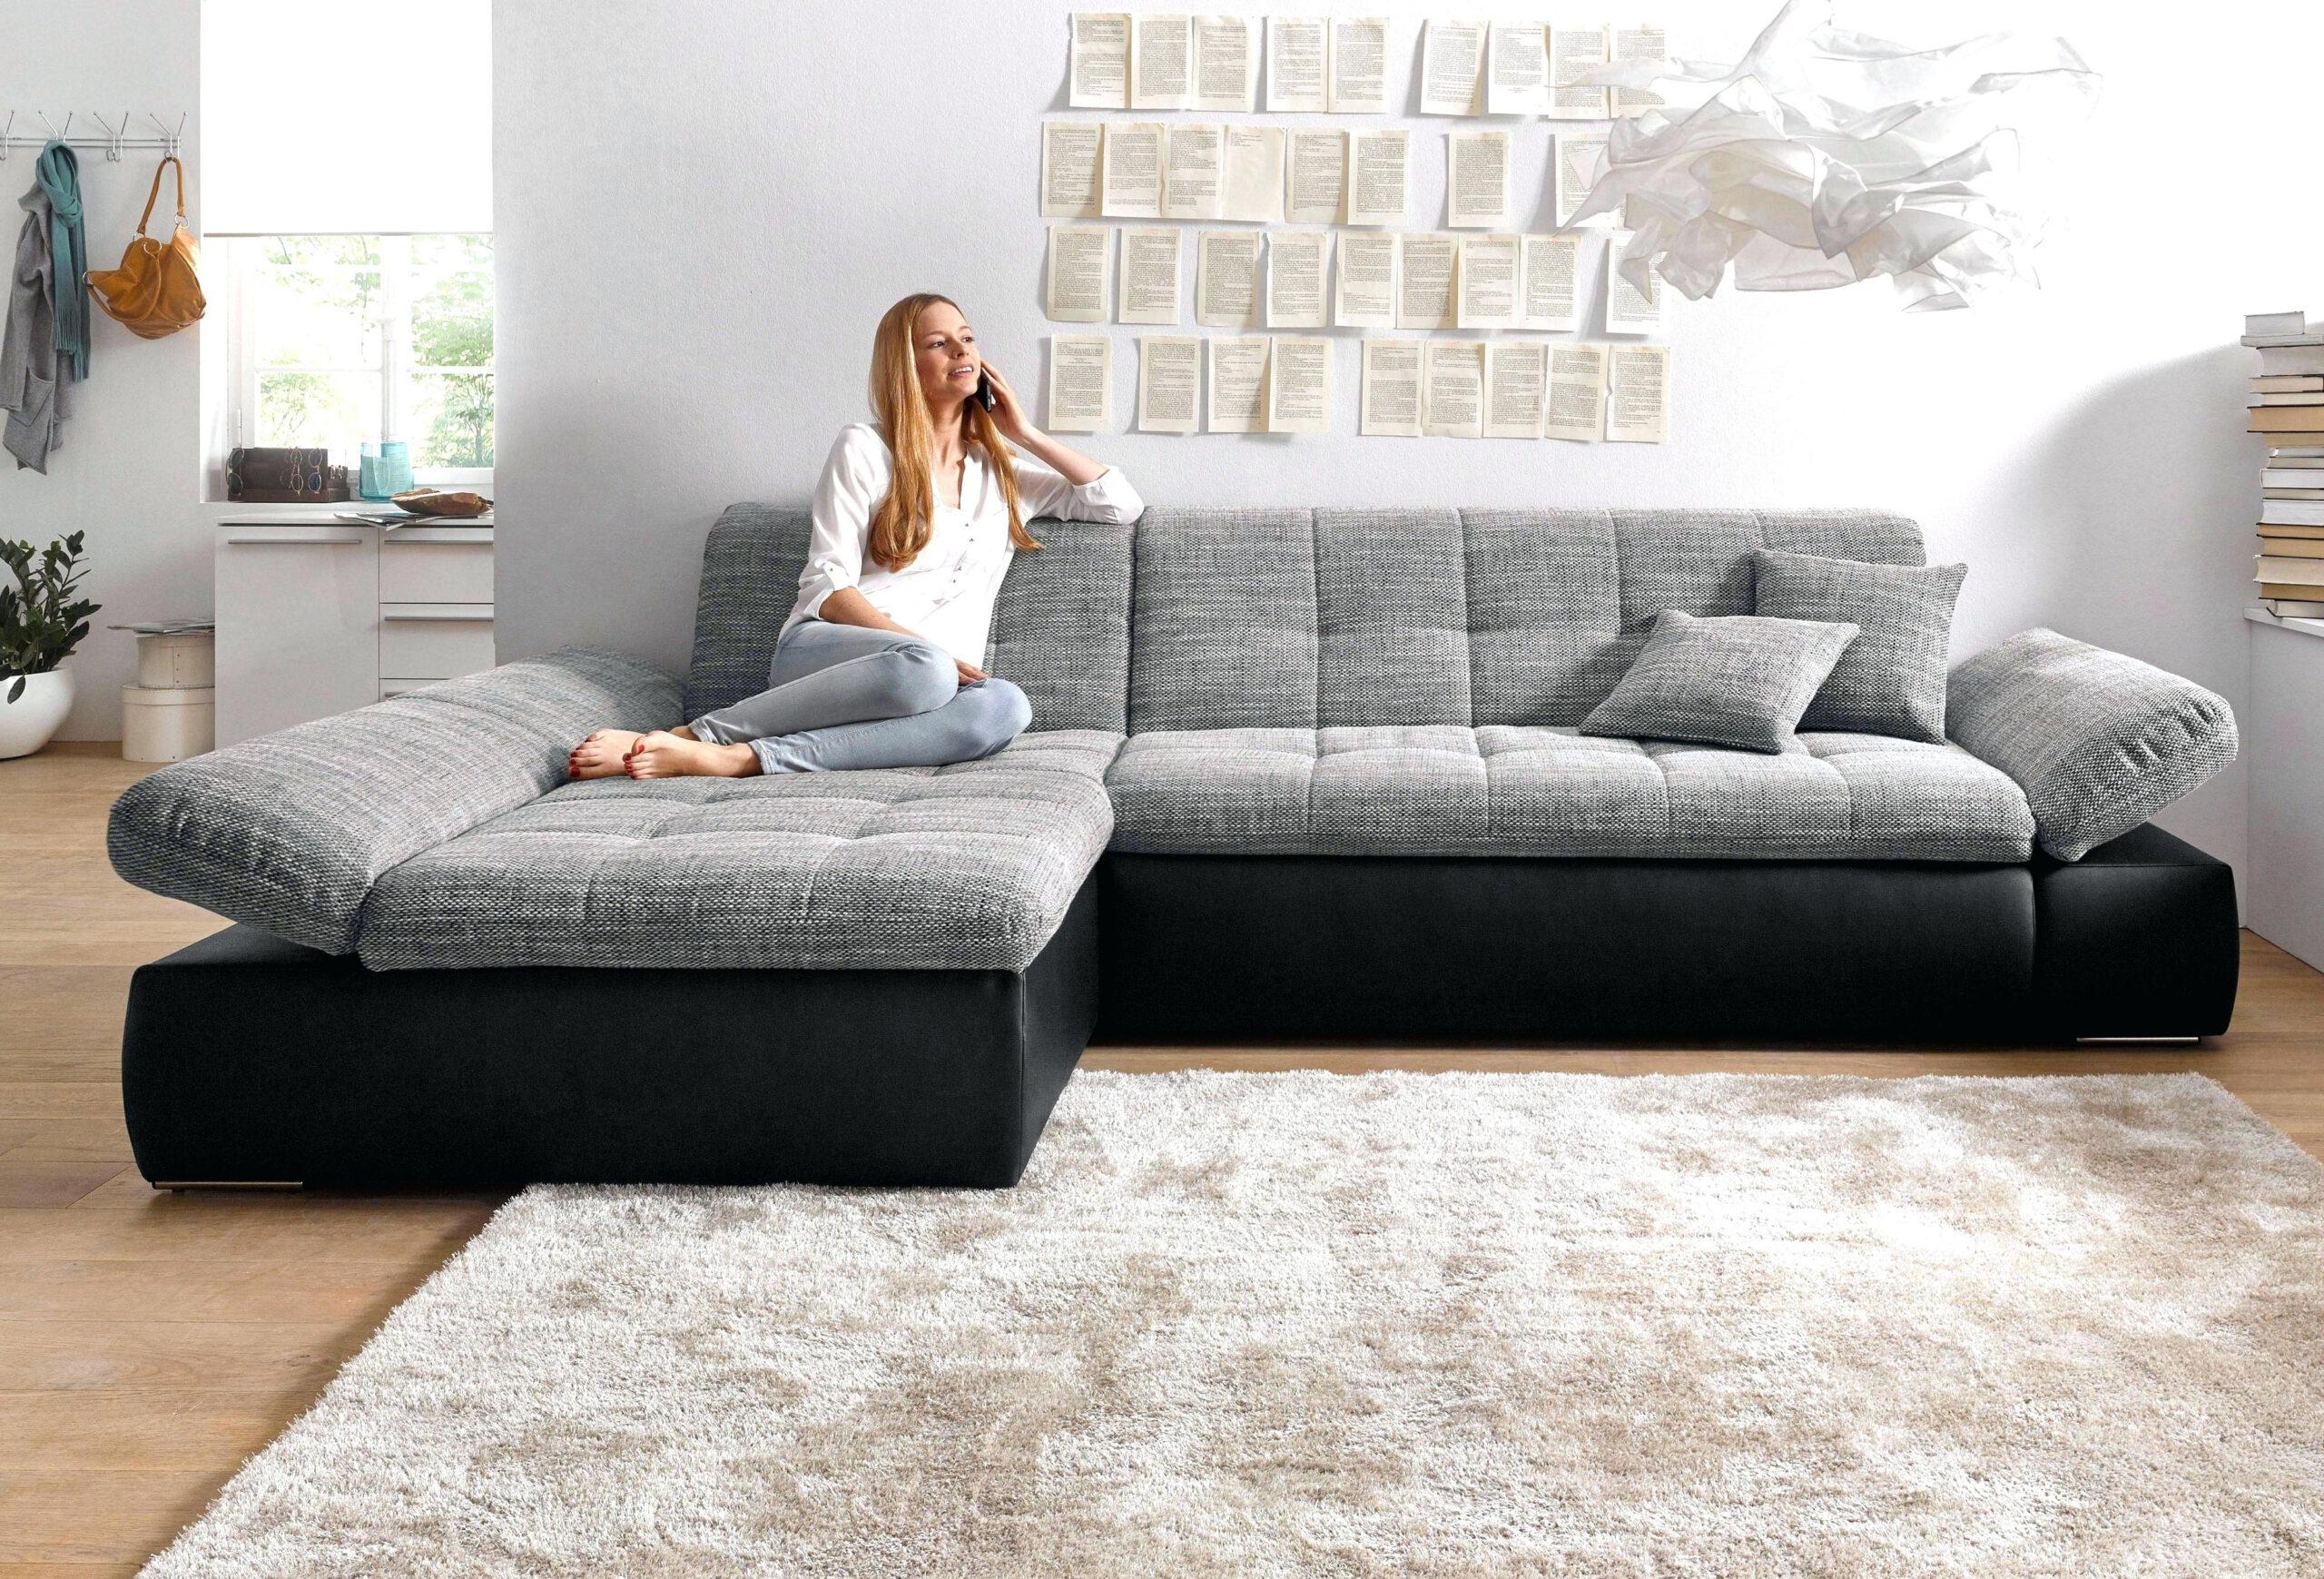 Full Size of Big Sofa Roller Couch Mit Schlaffunktion Chippendale Angebote Schillig Bezug Marken Kolonialstil Freistil Polster Reinigen Weiß Karup Wohnzimmer Big Sofa Roller